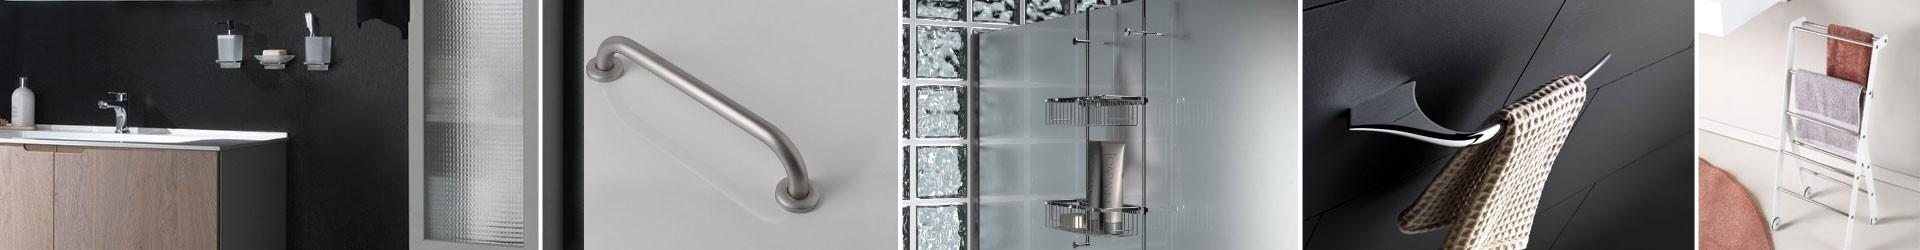 Vendita accessori bagno a piantana a muro complementi per casa e hotel